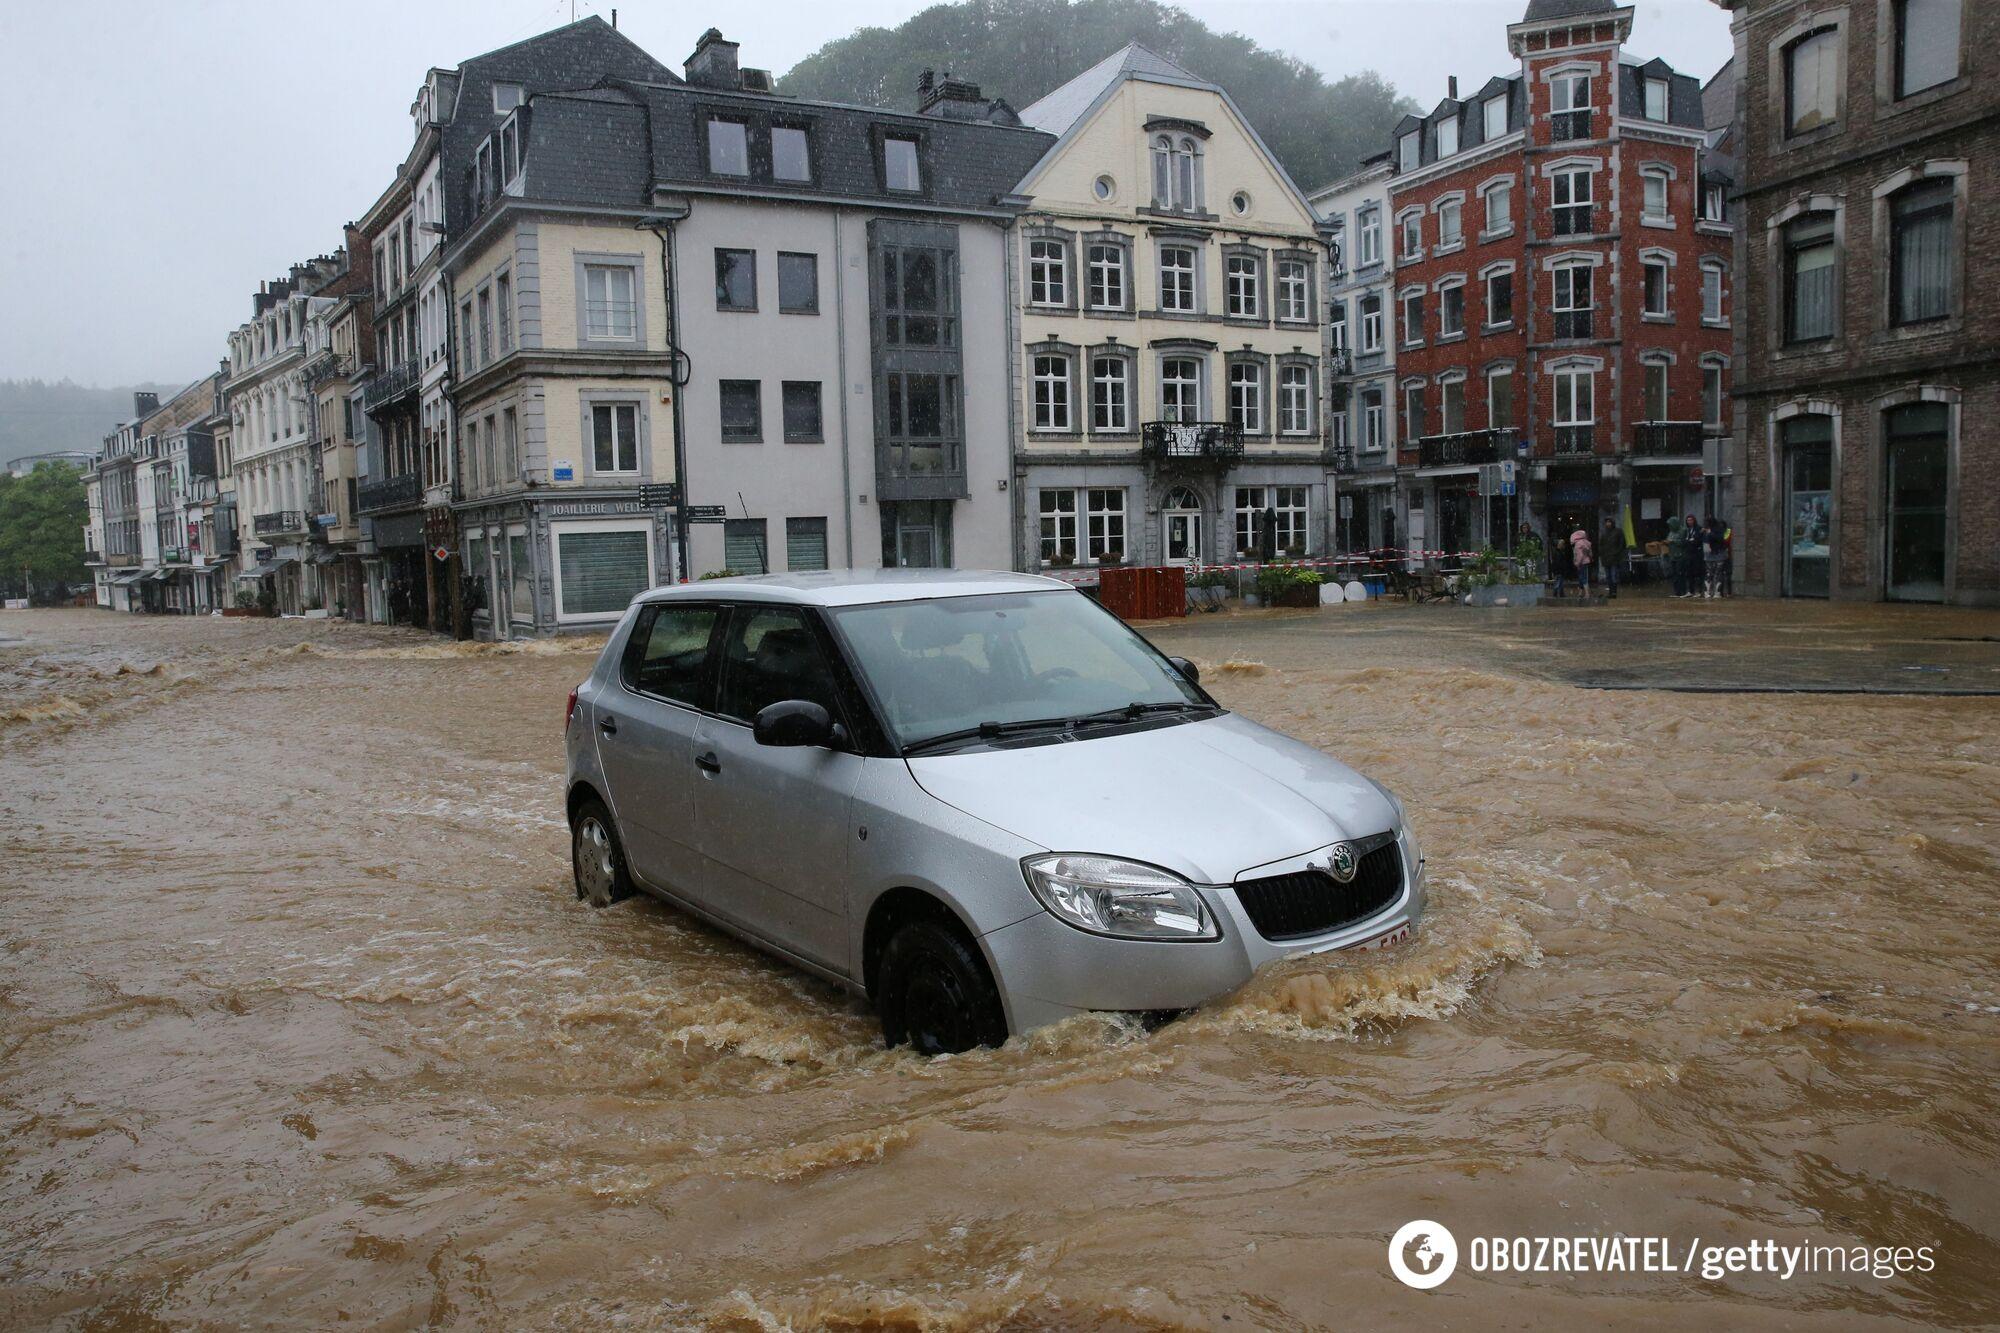 Машины на улице оказались в водной ловушке